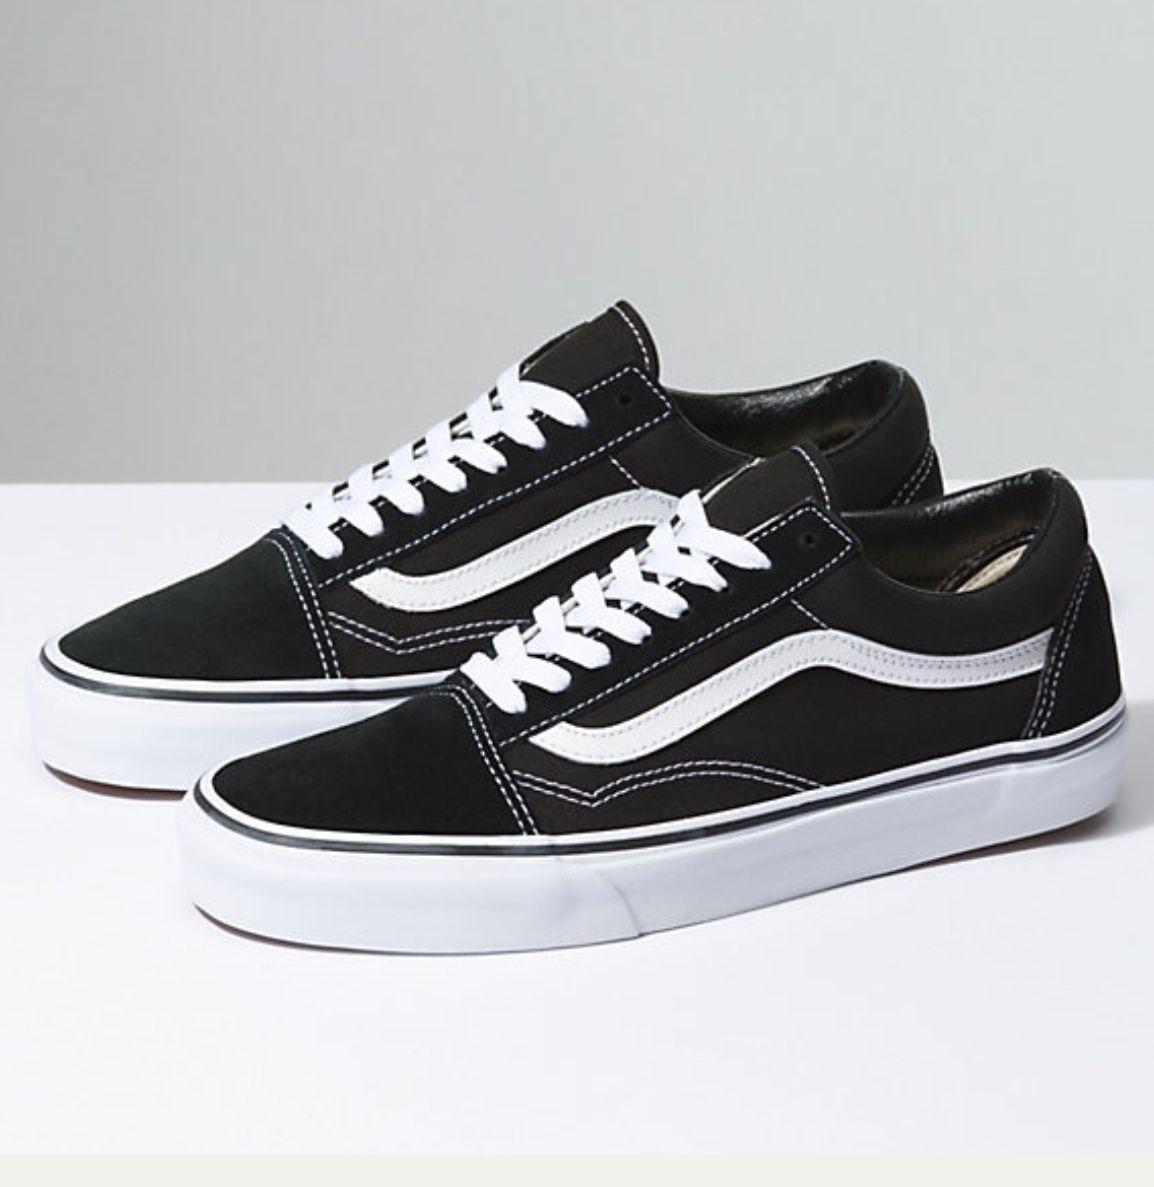 Vans shoes old skool, Vans old skool